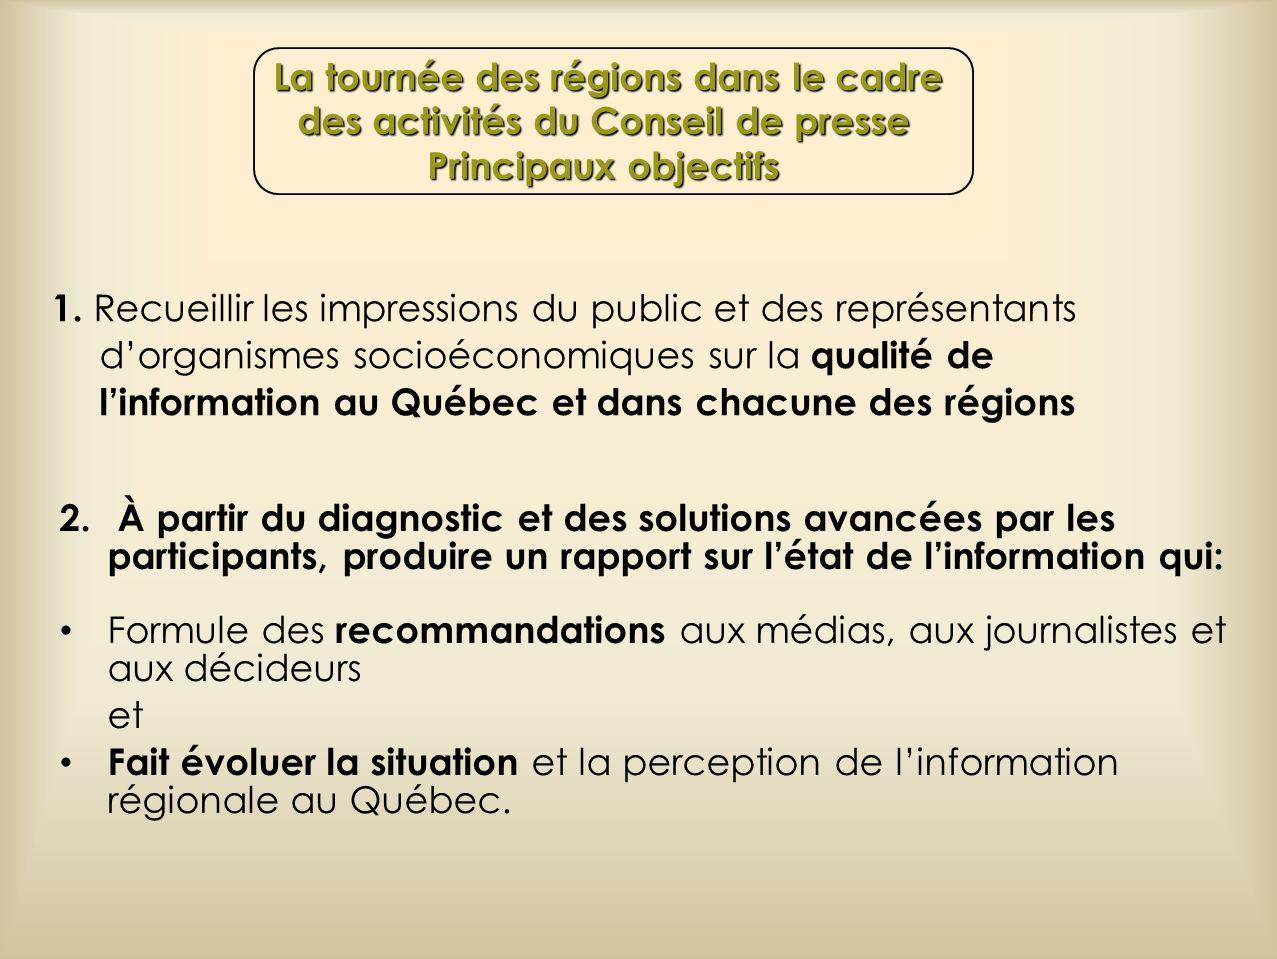 La tournée des régions dans le cadre des activités du Conseil de presse Principaux objectifs La tournée des régions dans le cadre des activités du Conseil de presse Principaux objectifs 1.